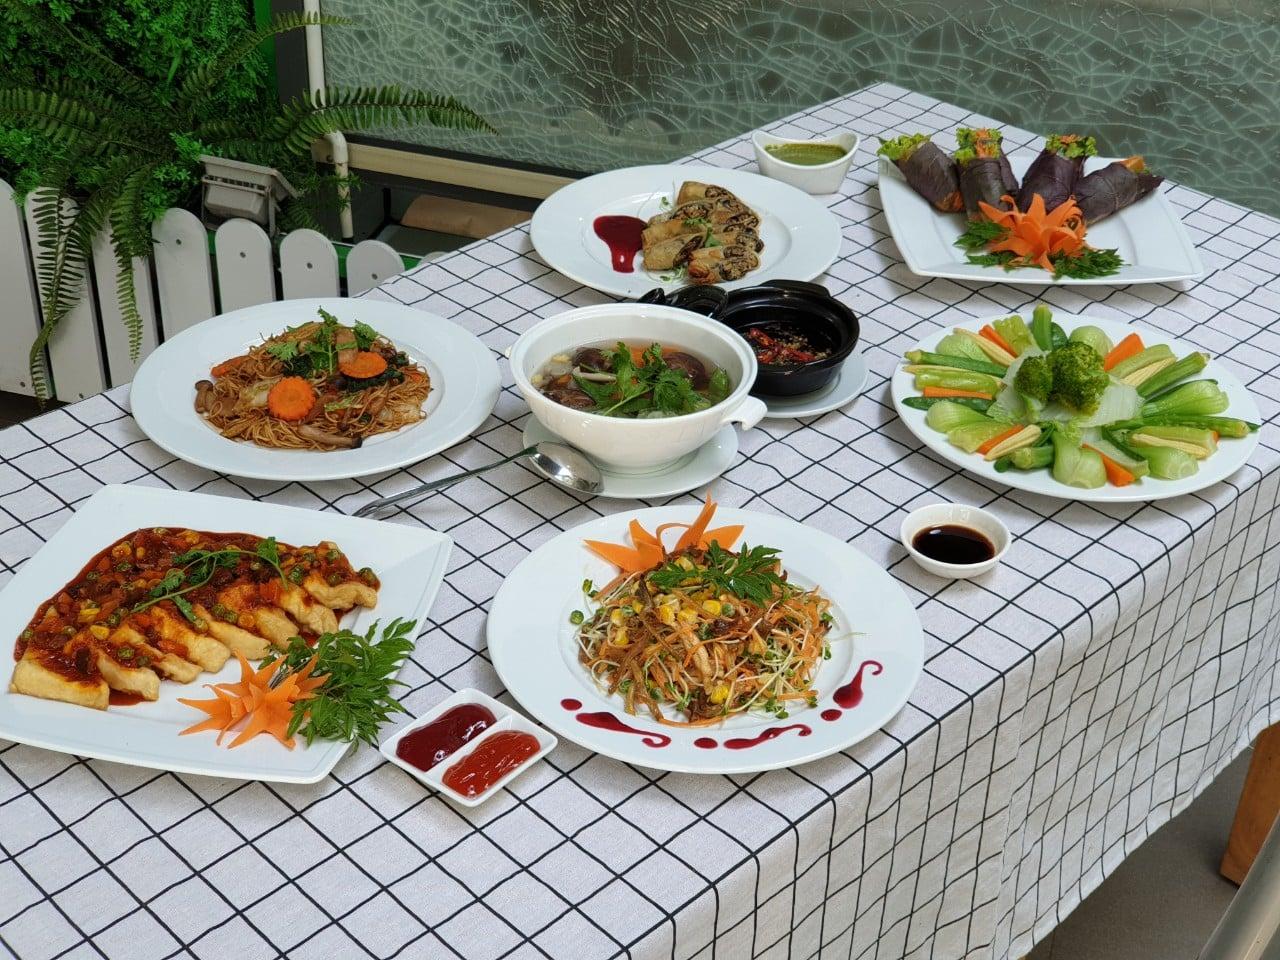 Các món ăn được bày biện đẹp mắt. Hình: Sưu tầm